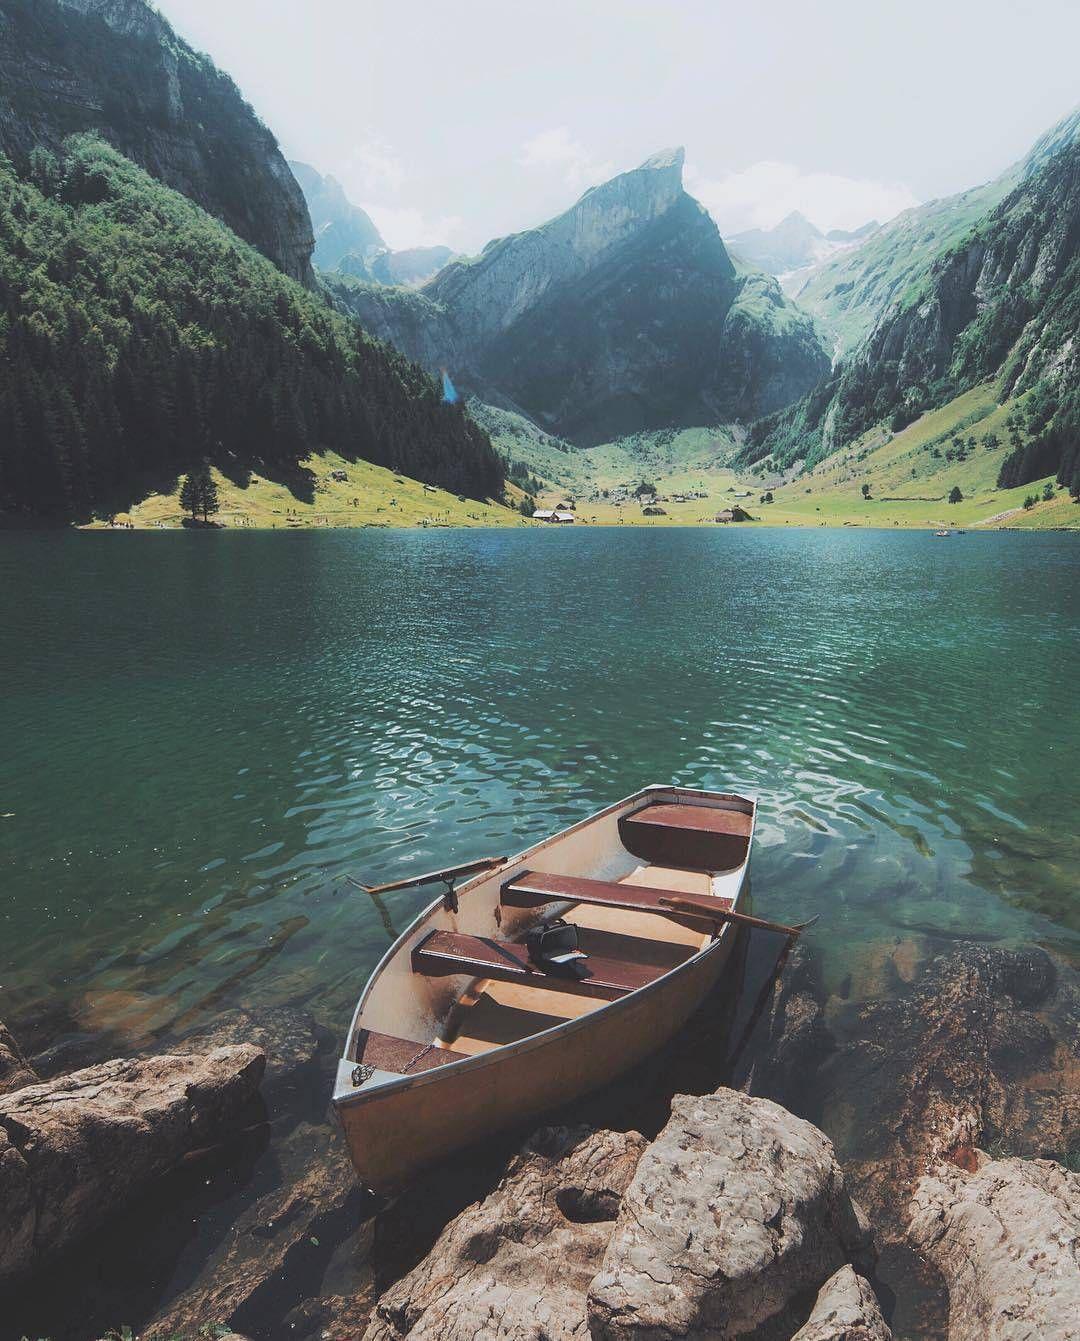 Cozy moments at lake Seealpsee, Switzerland by Jon Guler  Guest-House oder Studio zu vermieten in Zürich! >> http://www.imsonnenbuehl.com .